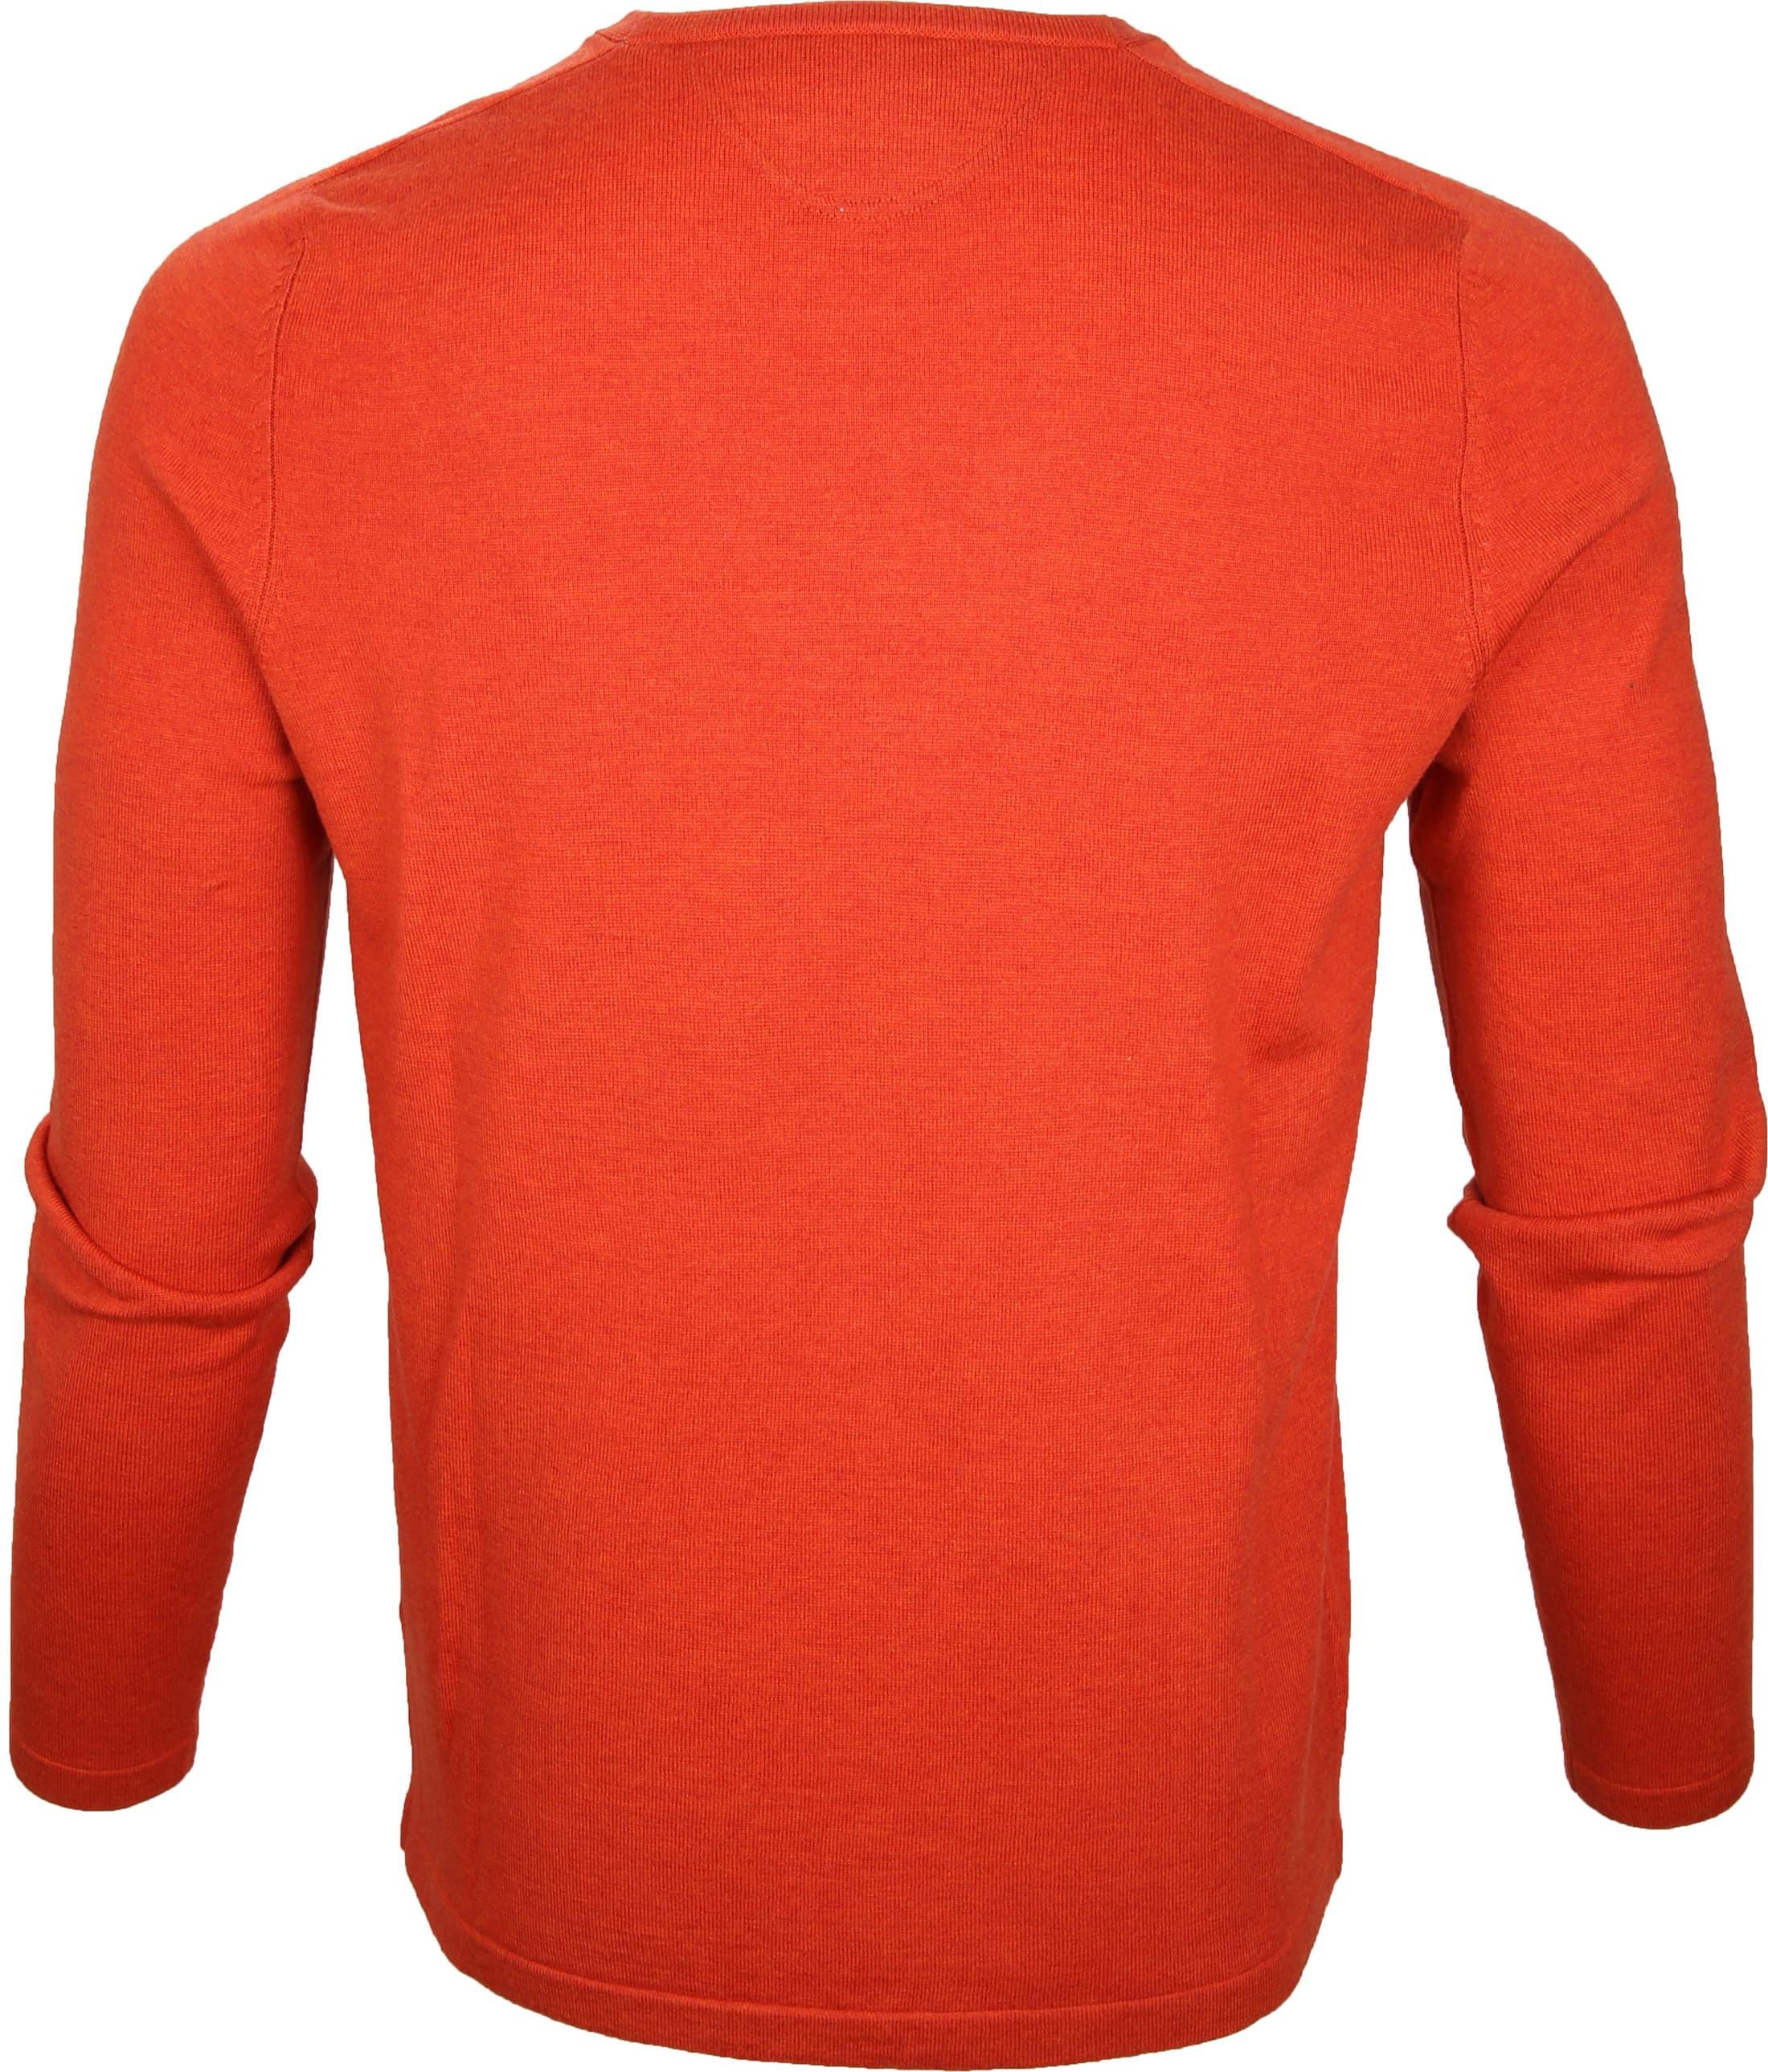 Marc O'Polo Pullover Wol Oranje foto 2